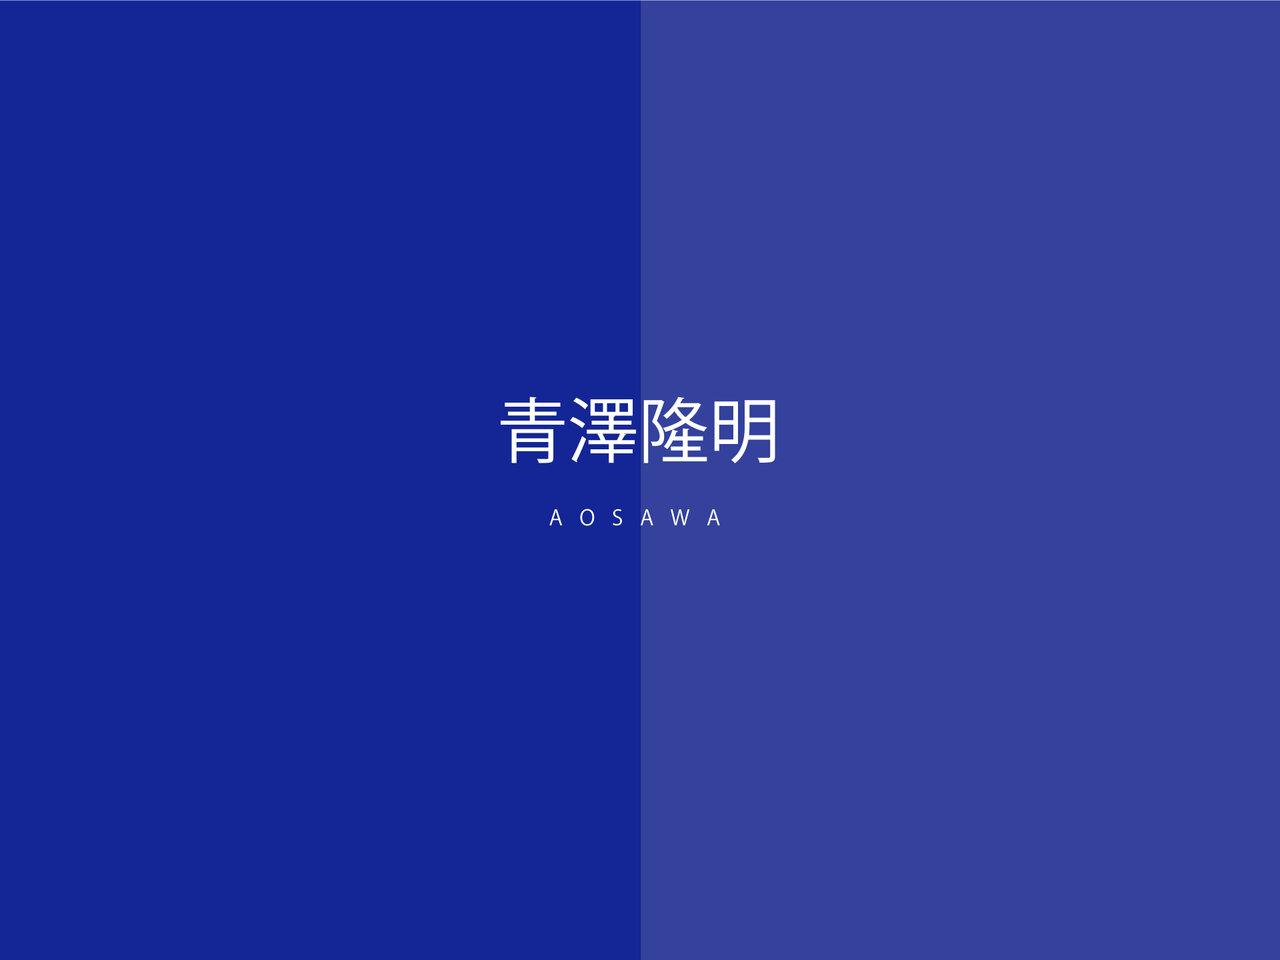 花火 る - 真夏の夜、小澤征爾とシカゴ交響楽団の。(青澤隆明)